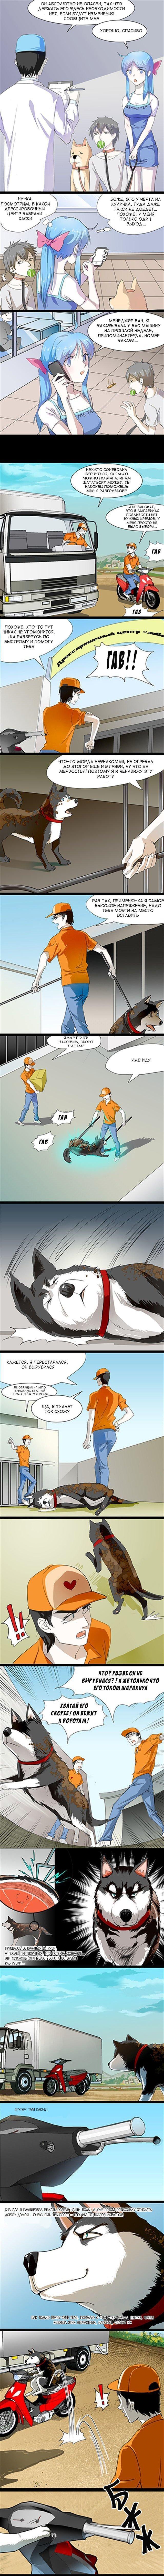 Манга Собакен - Глава 55 Страница 1